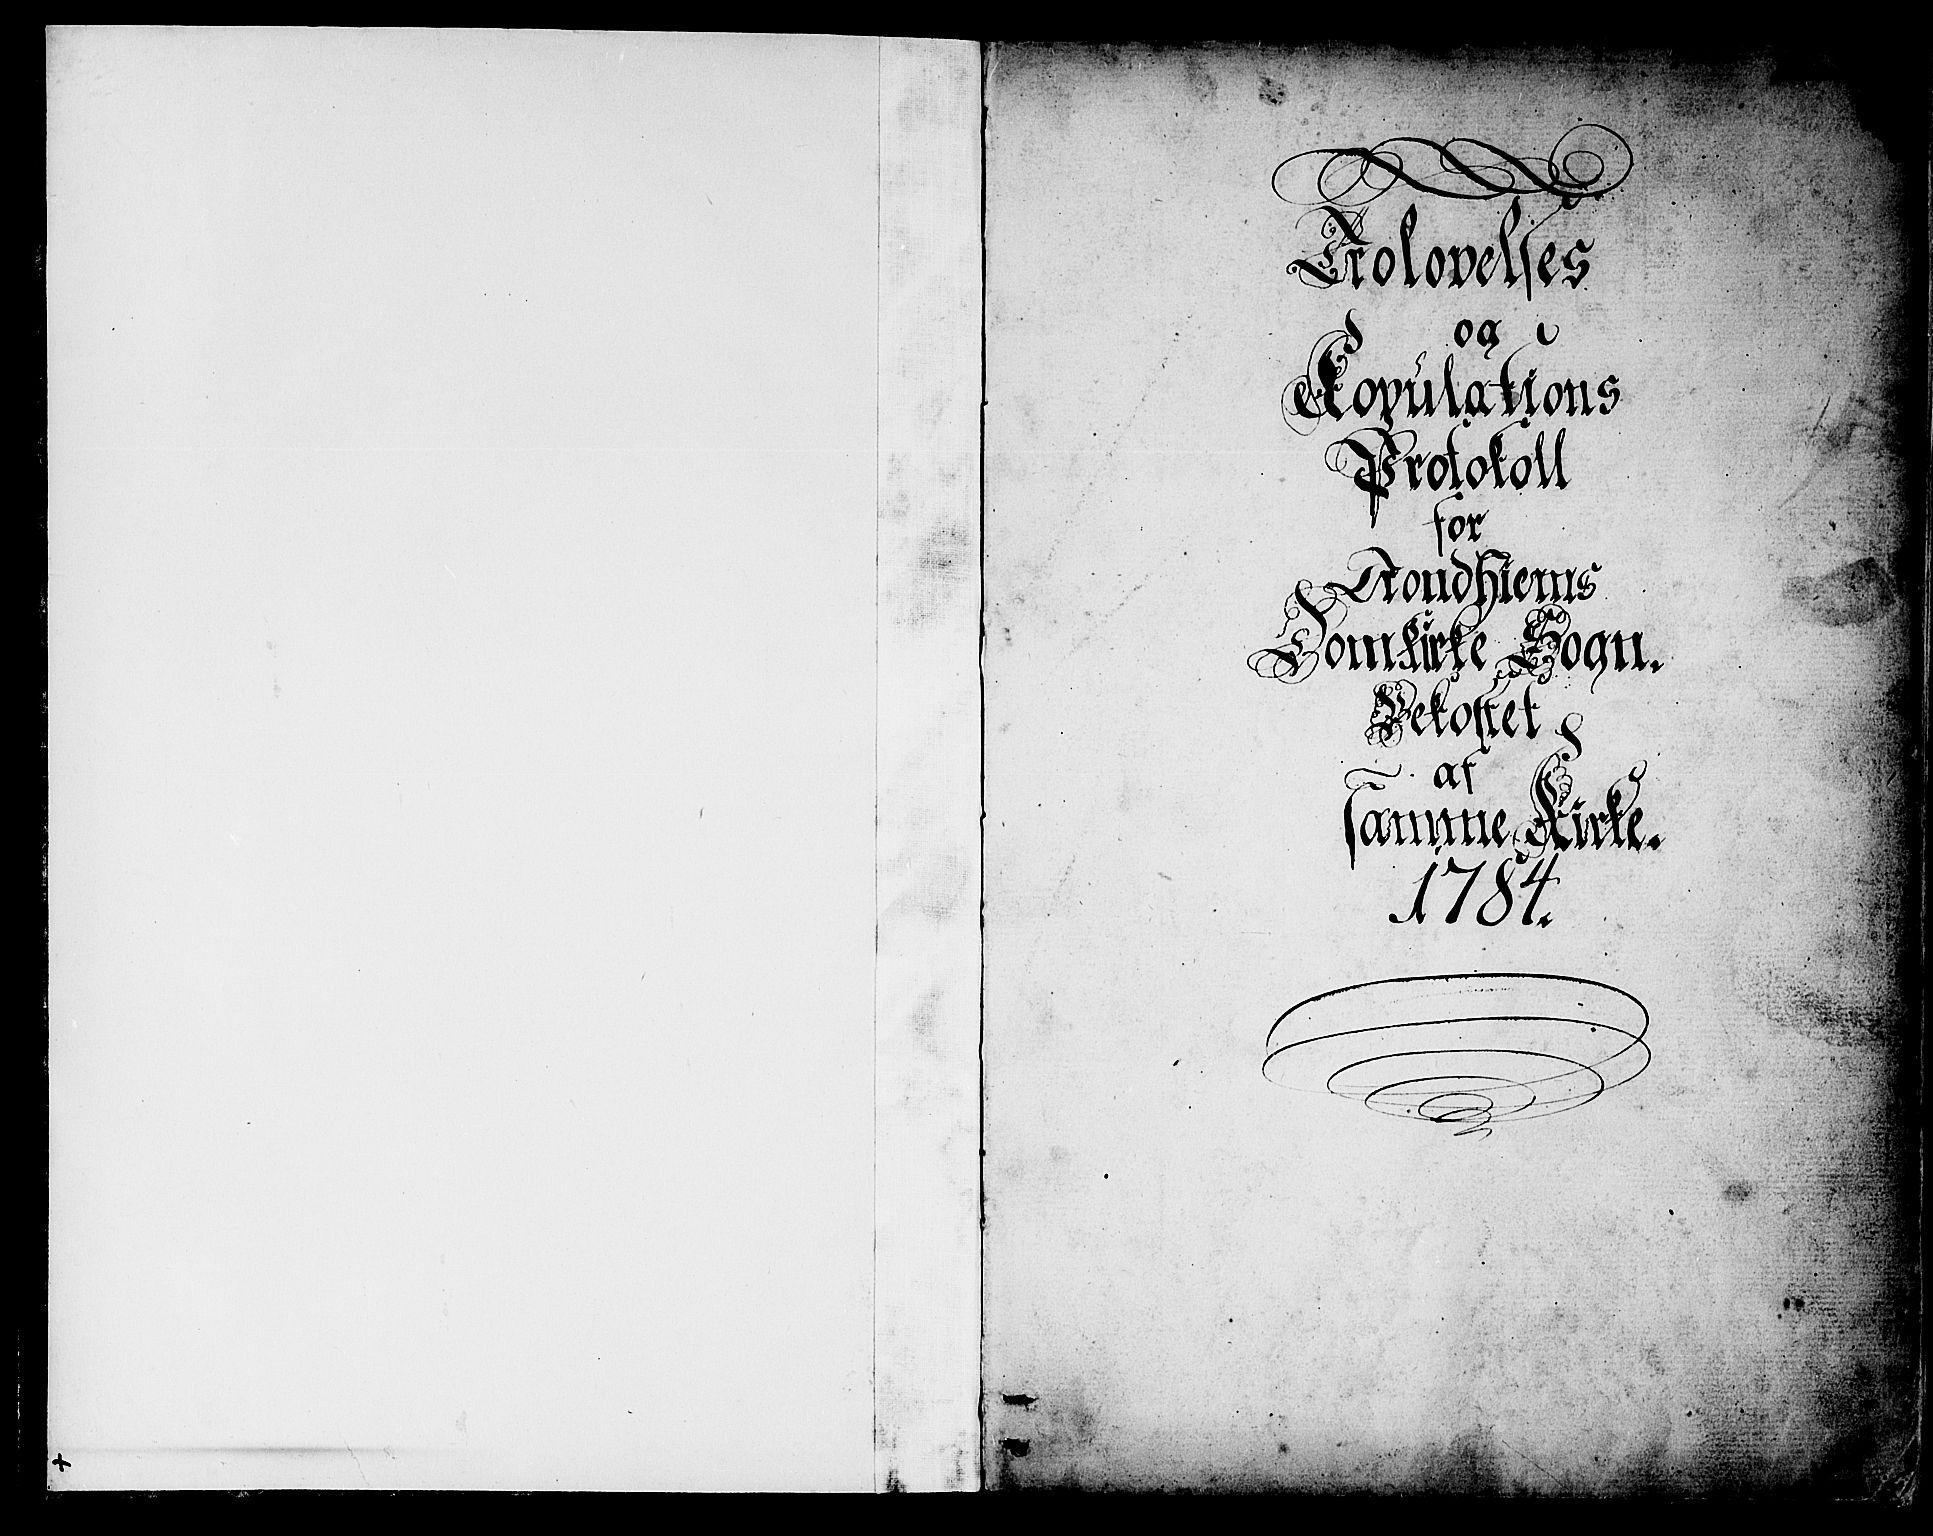 SAT, Ministerialprotokoller, klokkerbøker og fødselsregistre - Sør-Trøndelag, 601/L0041: Ministerialbok nr. 601A09, 1784-1801, s. 1